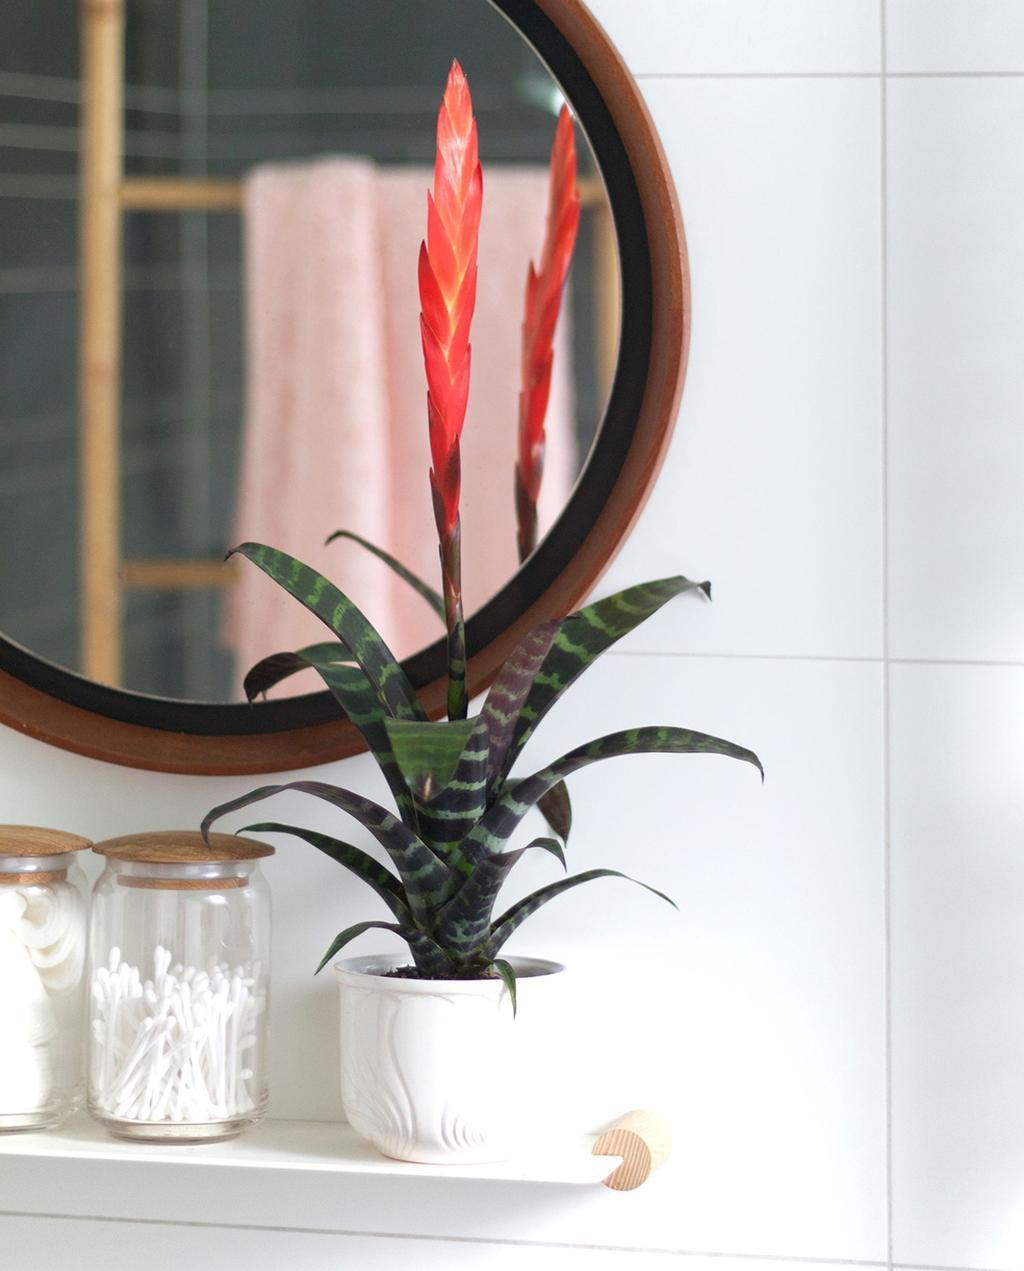 Deze planten overleven in een ruimte zonder licht